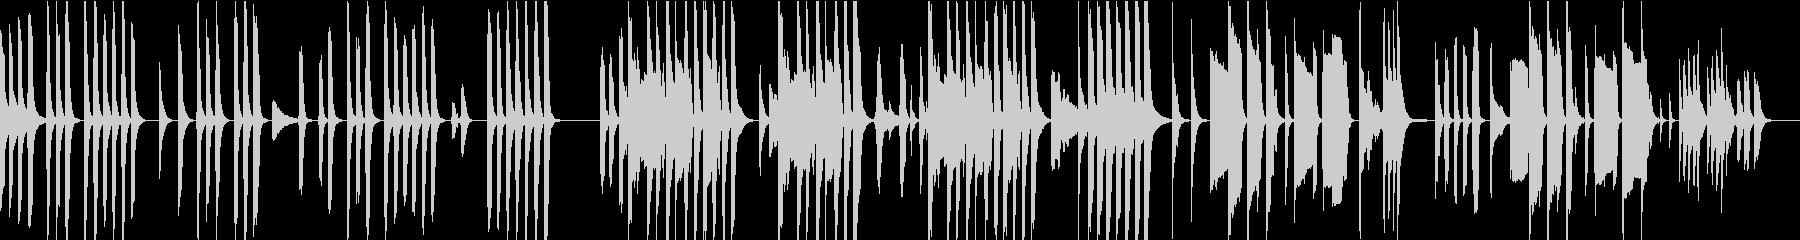 【ループ仕様】素朴でほのぼのとコミカルの未再生の波形